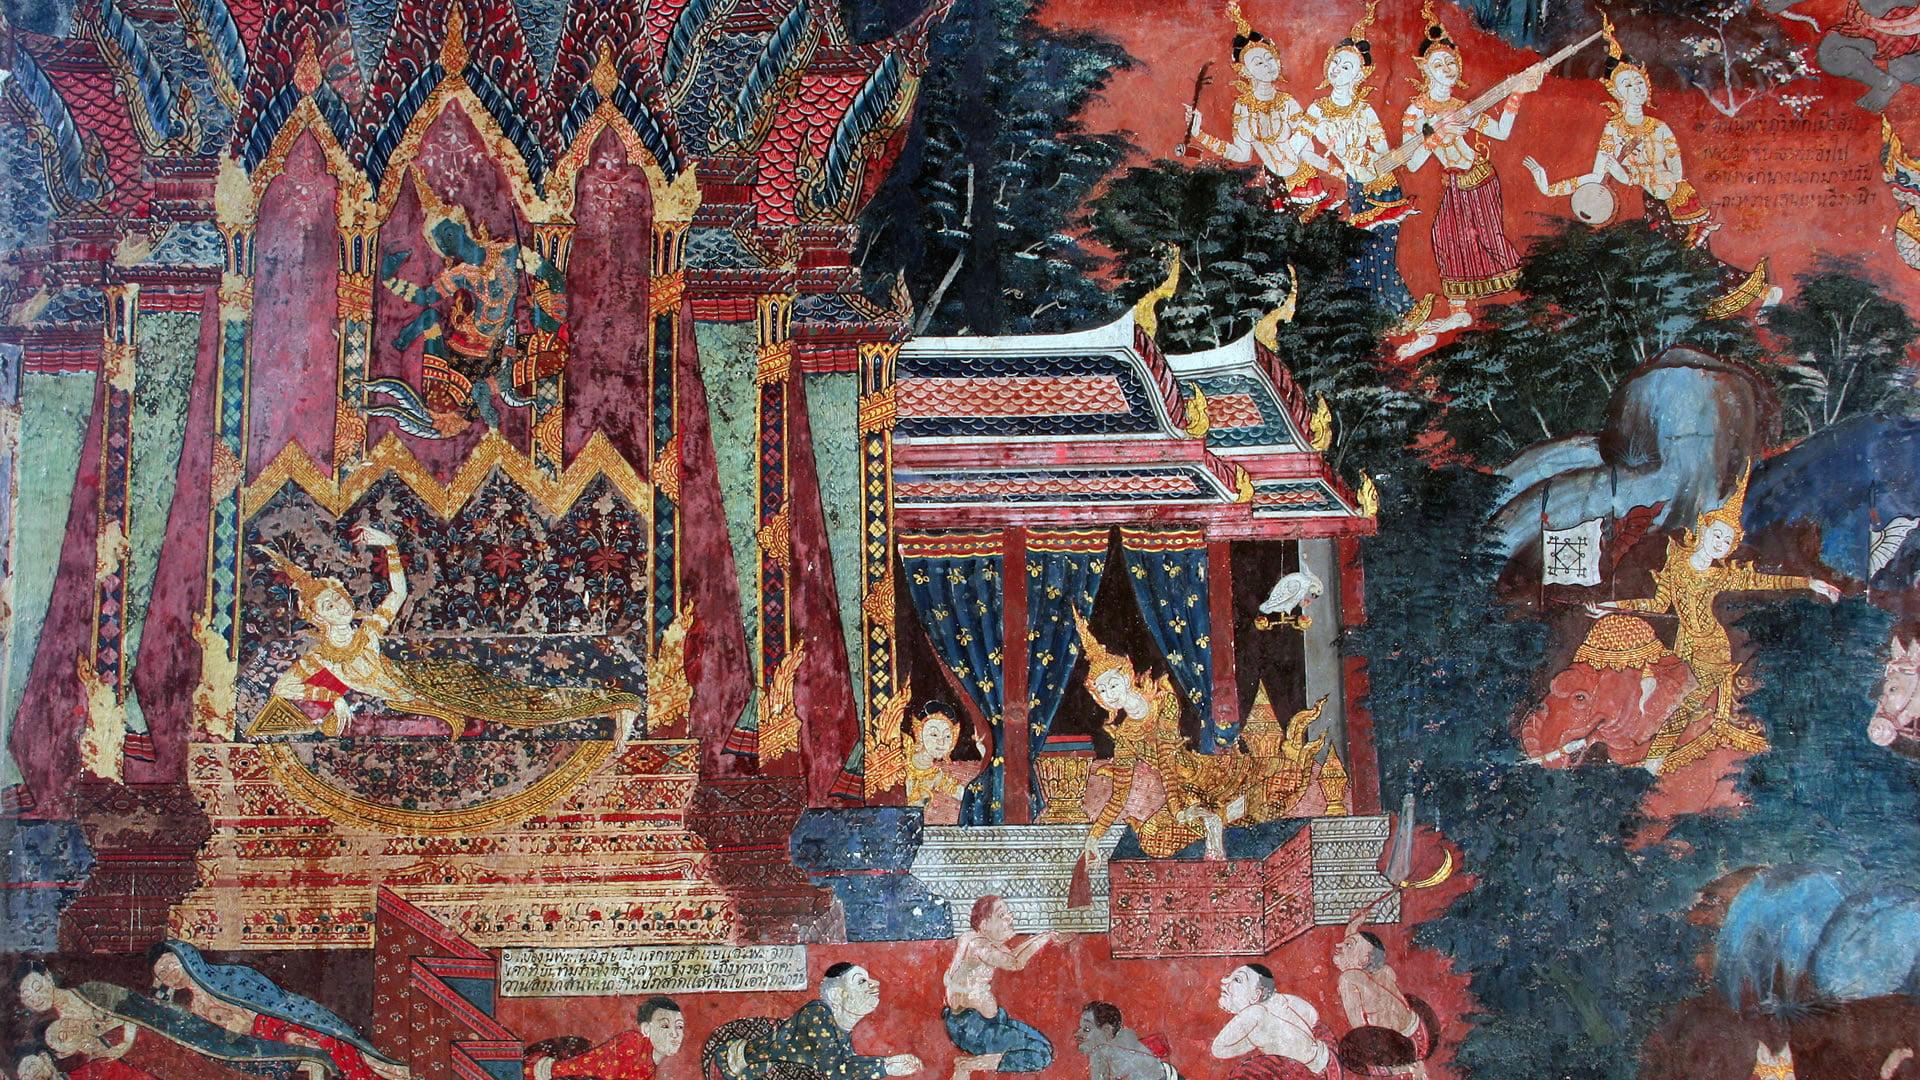 Arte de la India representado en el Templo de la Provincia